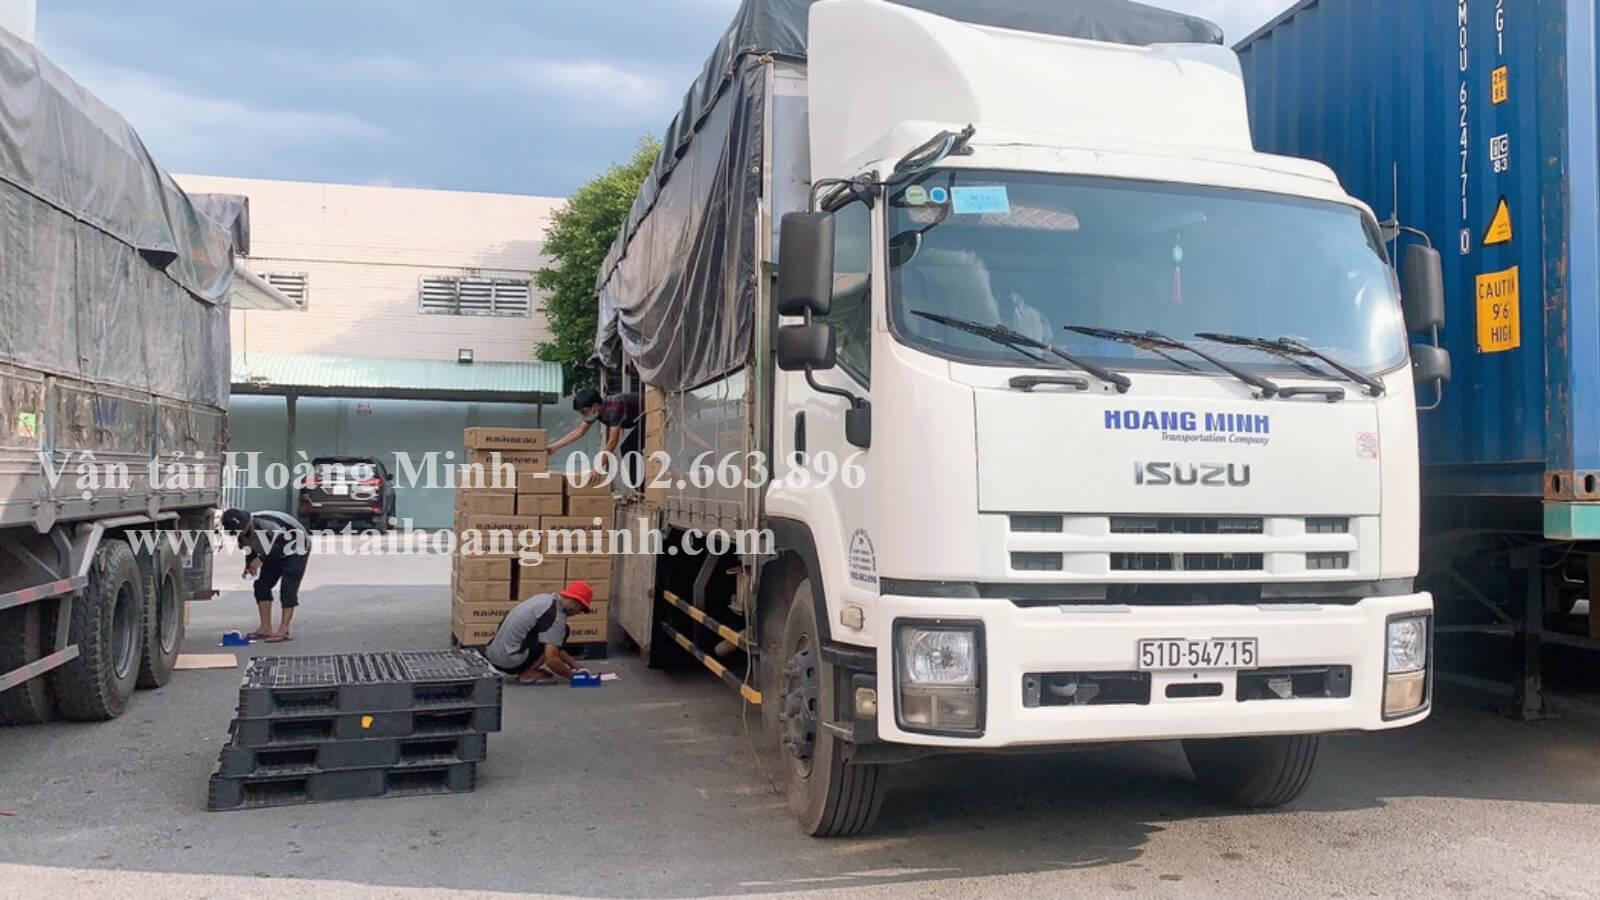 vận chuyển hàng hoá bắc nam bằng xe tải